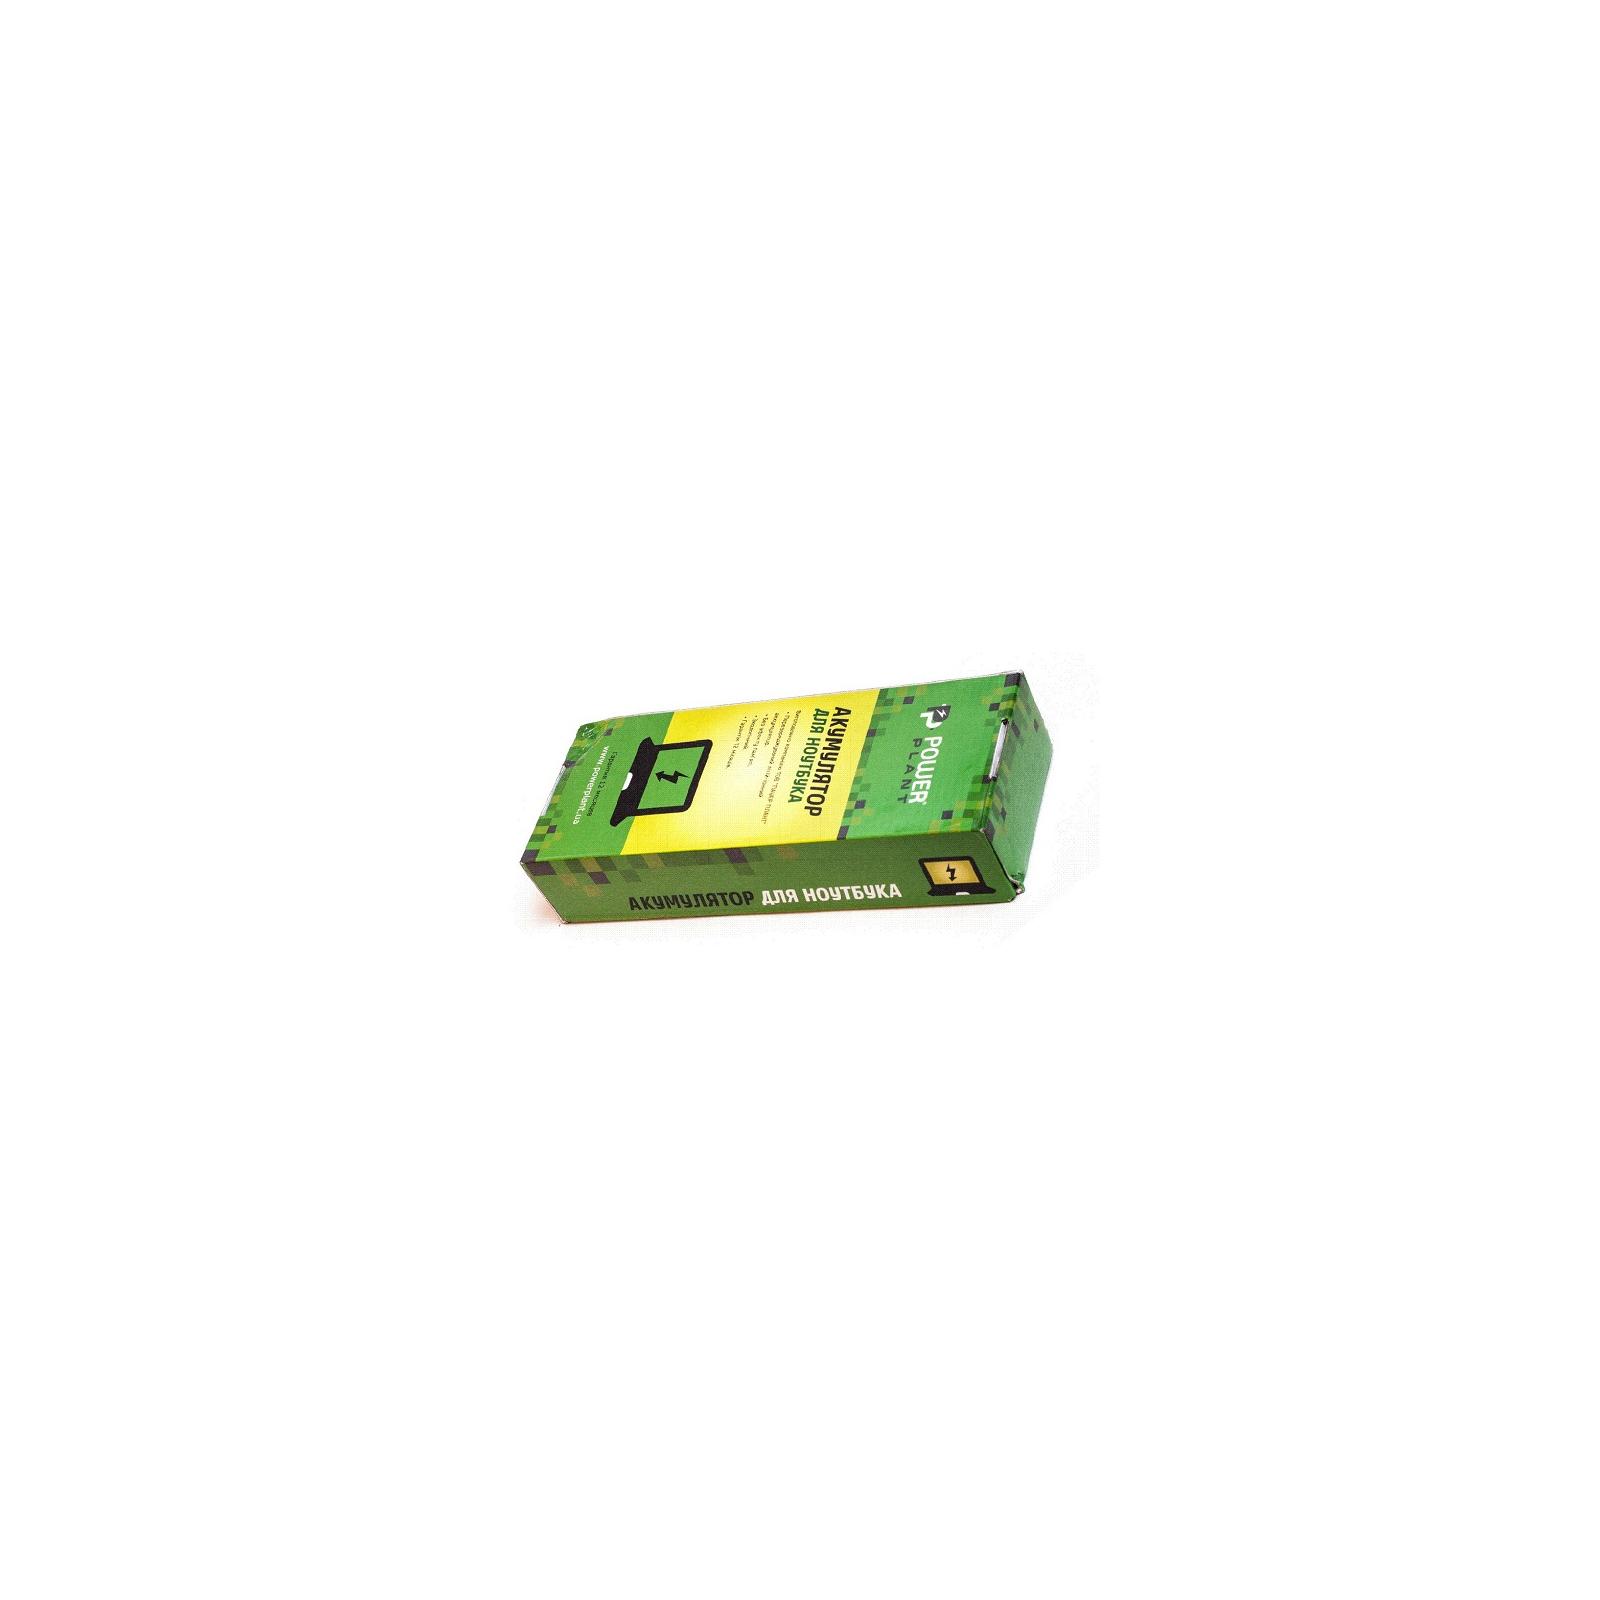 Аккумулятор для ноутбука ACER Aspire 5550 (AS10D41, AC 5560 3S2P) 10.8V 7800mAh PowerPlant (NB00000153) изображение 3